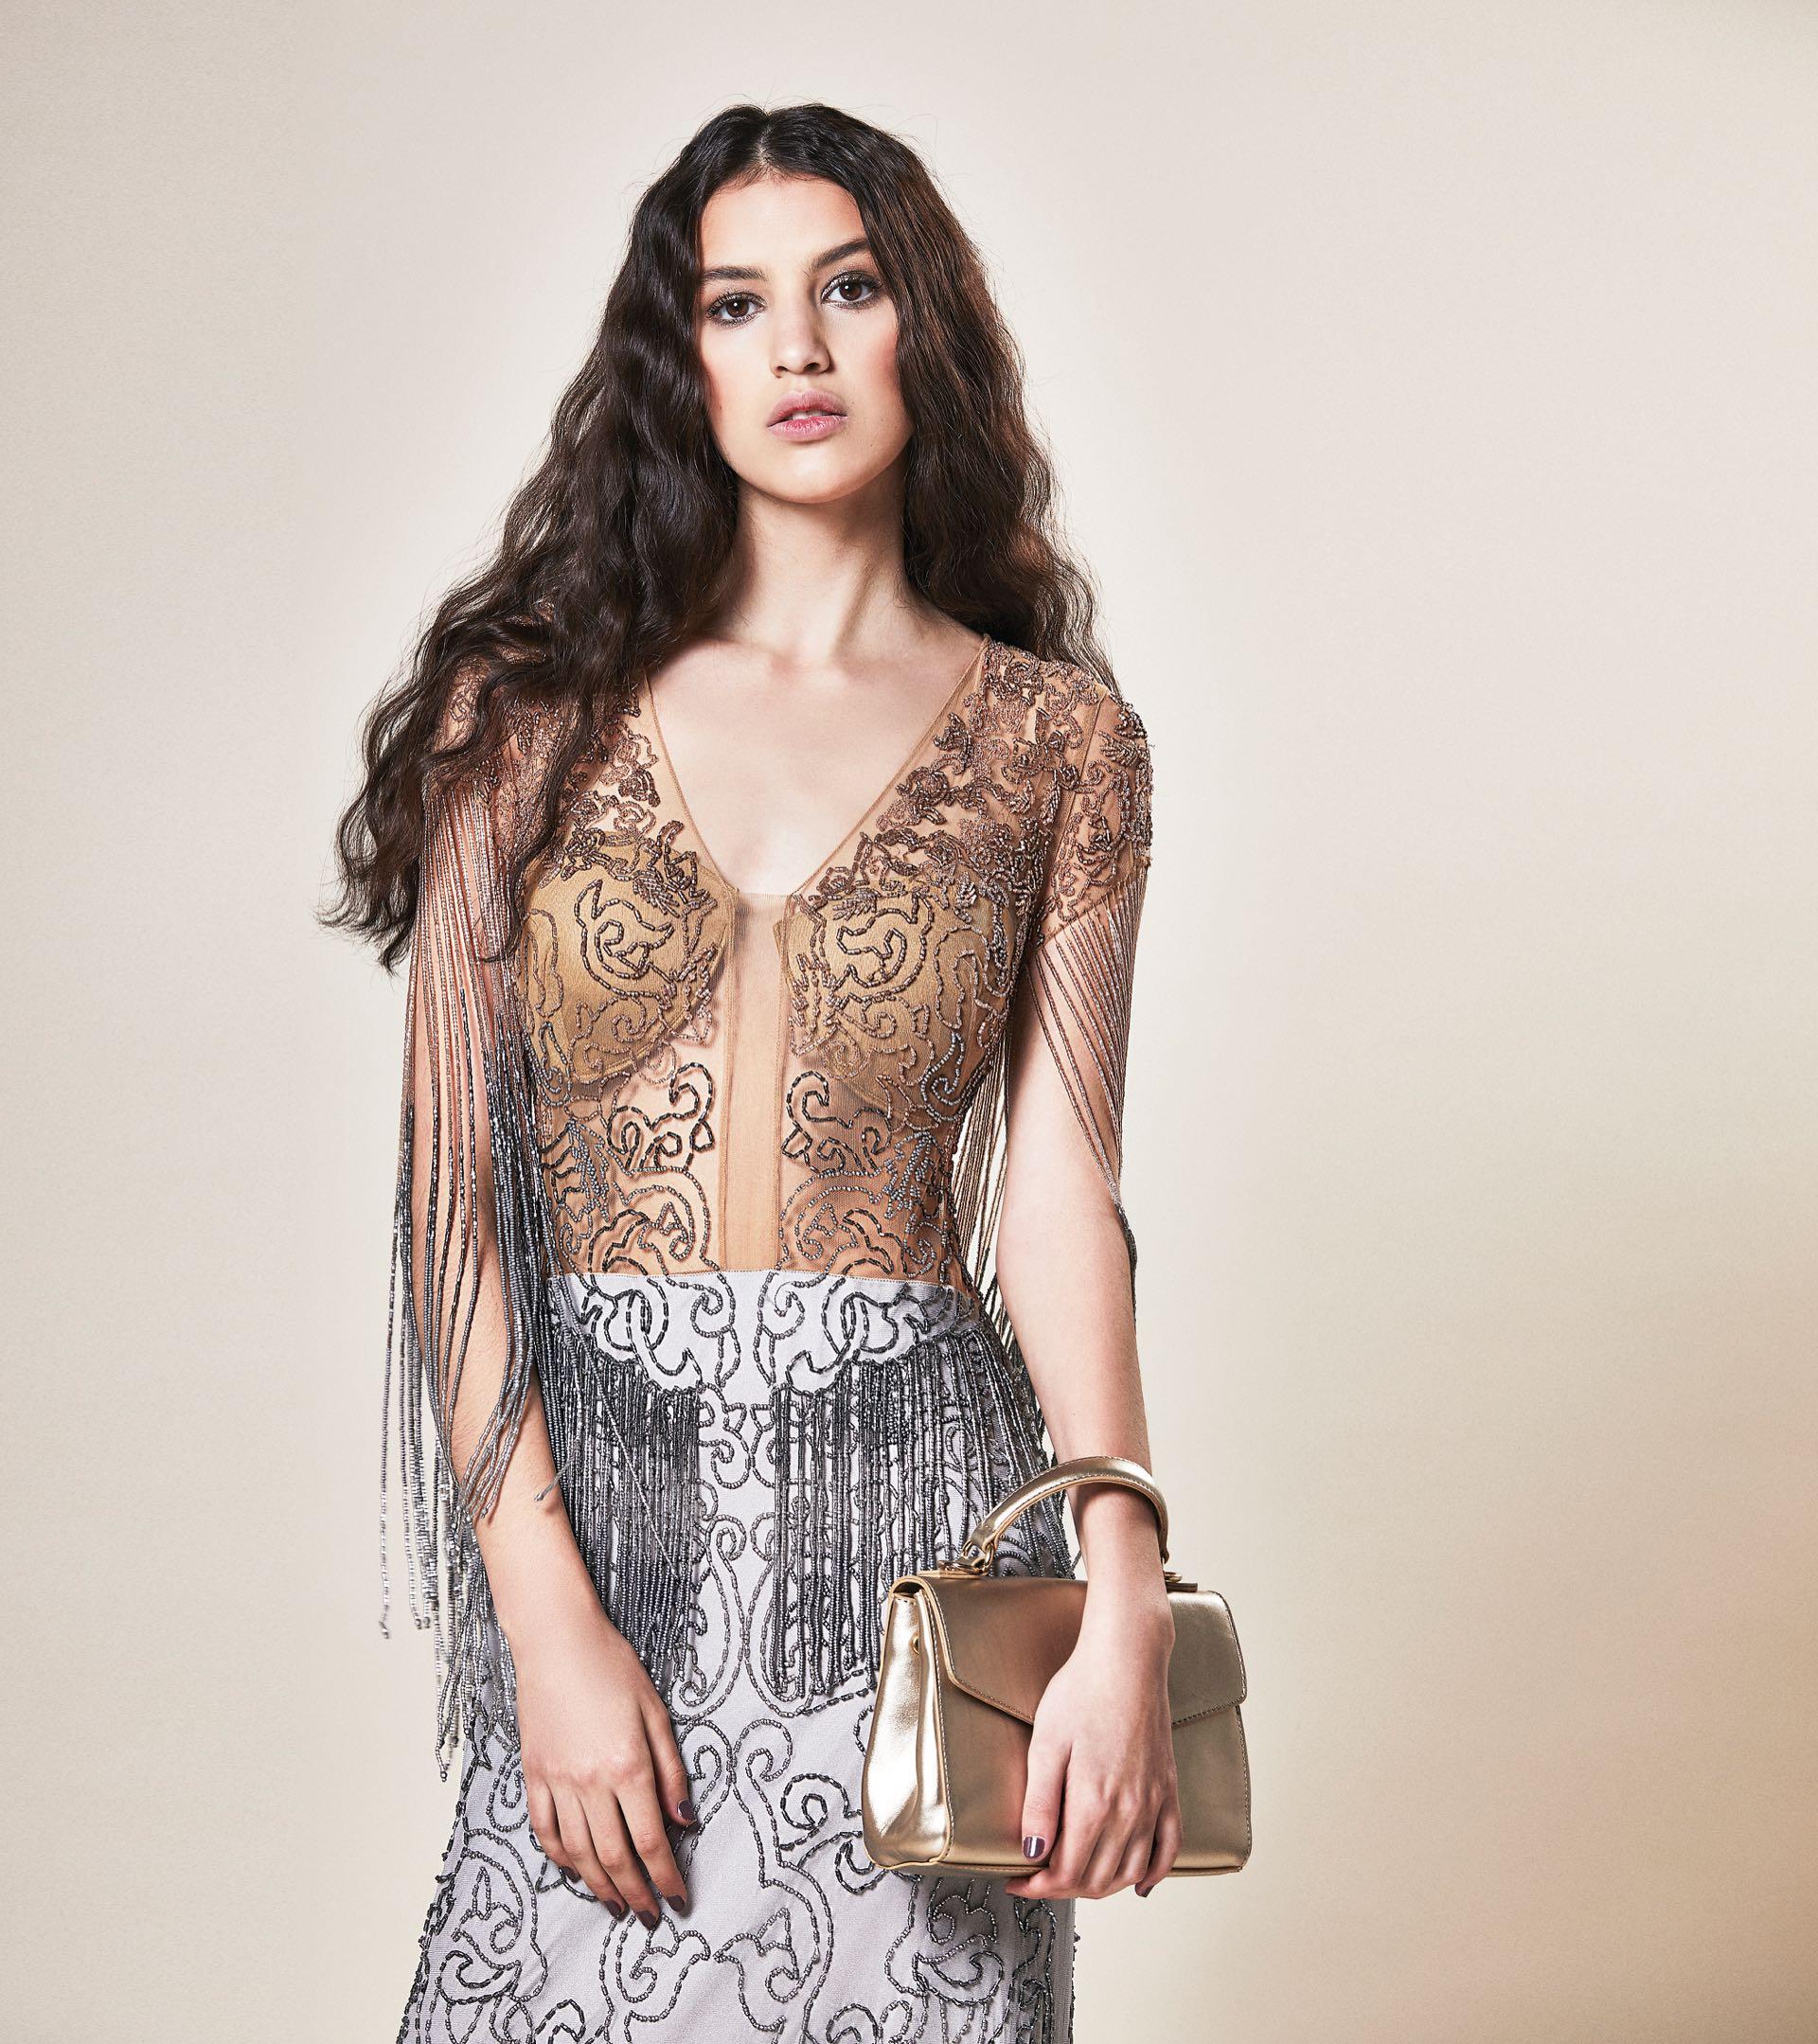 Vestido de encaje de algodón y flecos ($ 8.950, Carmela Achaval), zapatos de charol ($ 2.290, Viamo) y sobre con cadena ($ 2.300, Vitamina).